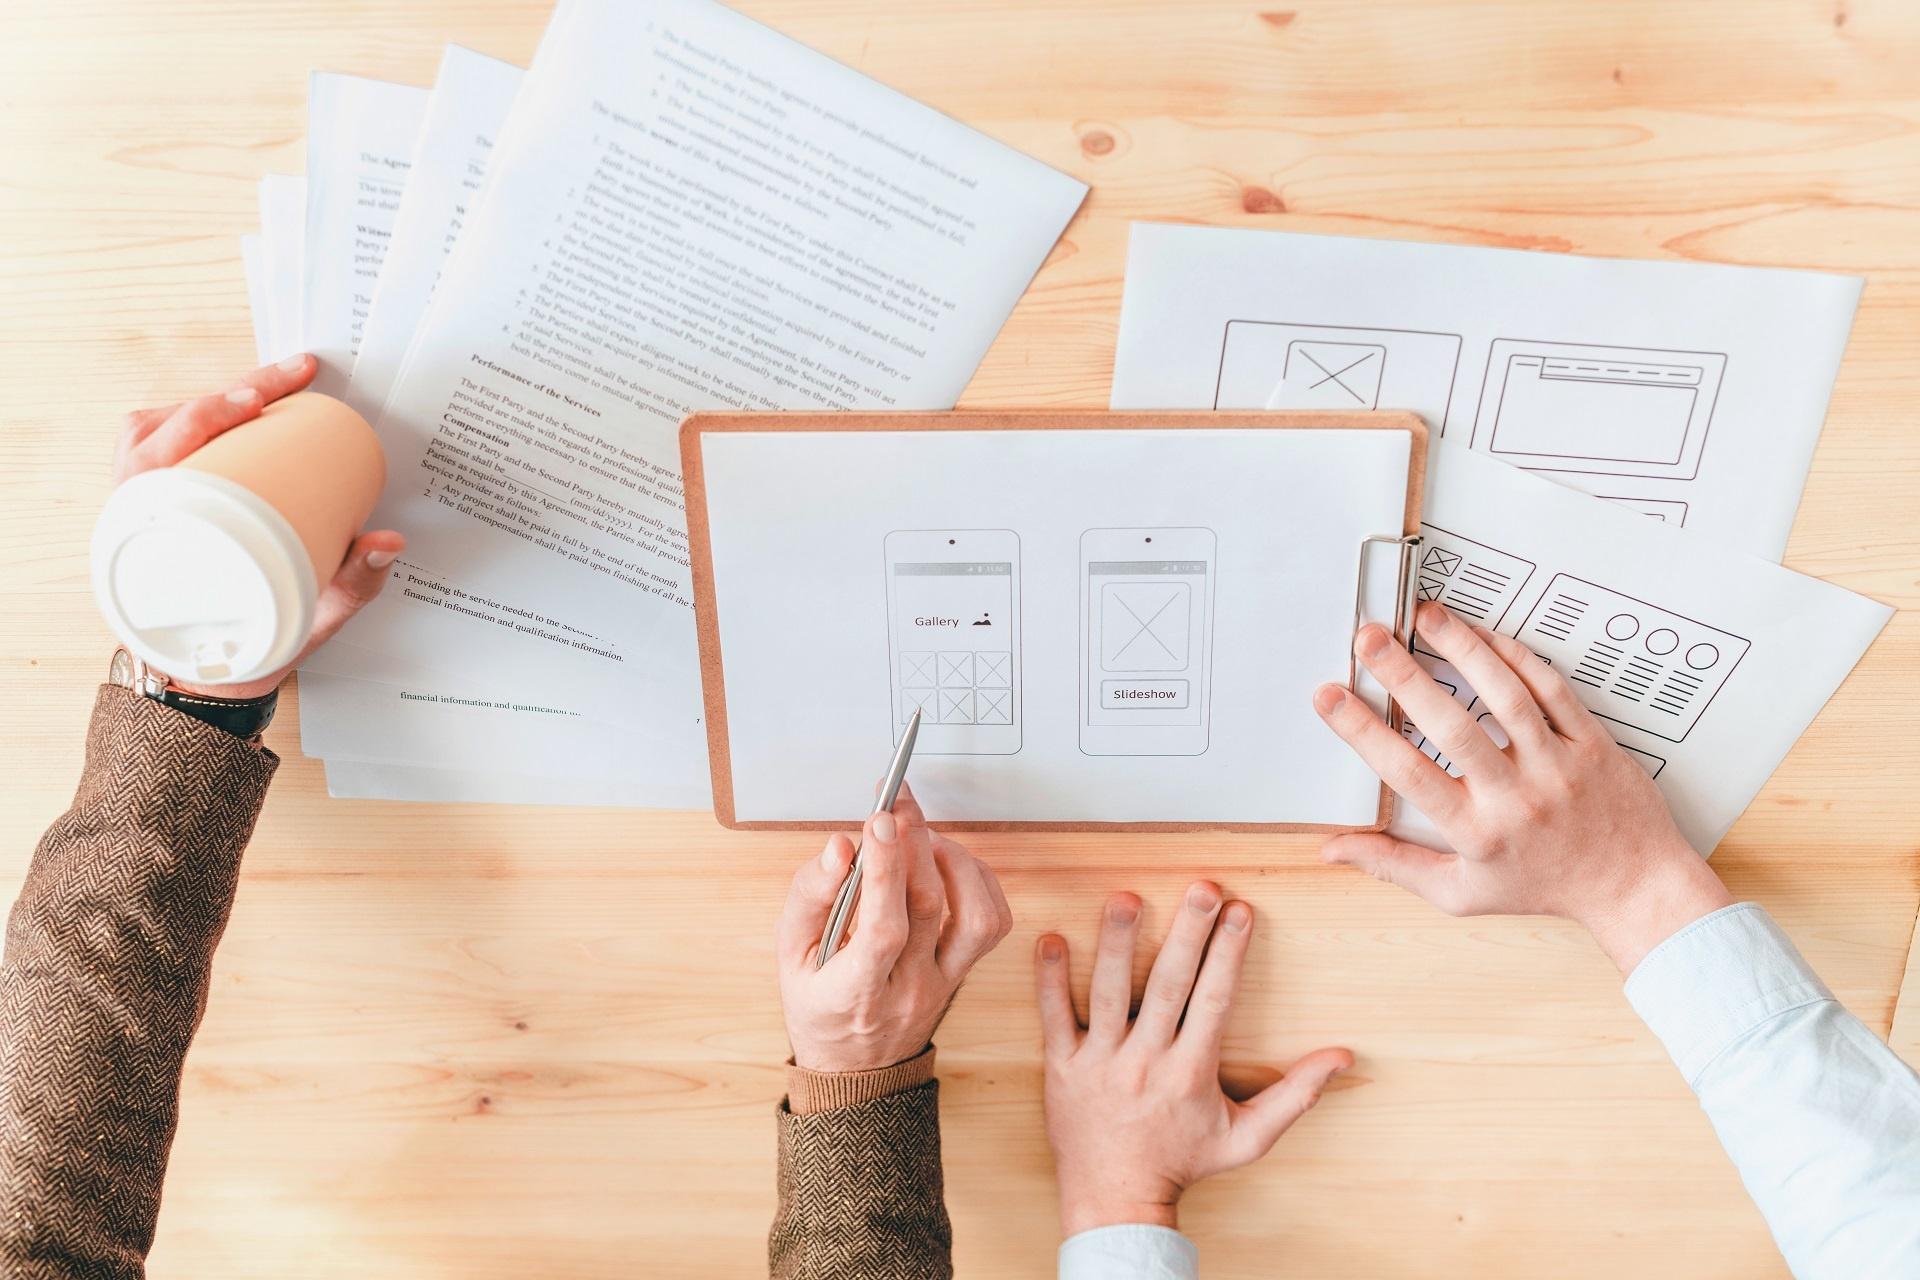 Gwarancja w umowie wdrożeniowej. Poradnik dla software house'ów #10